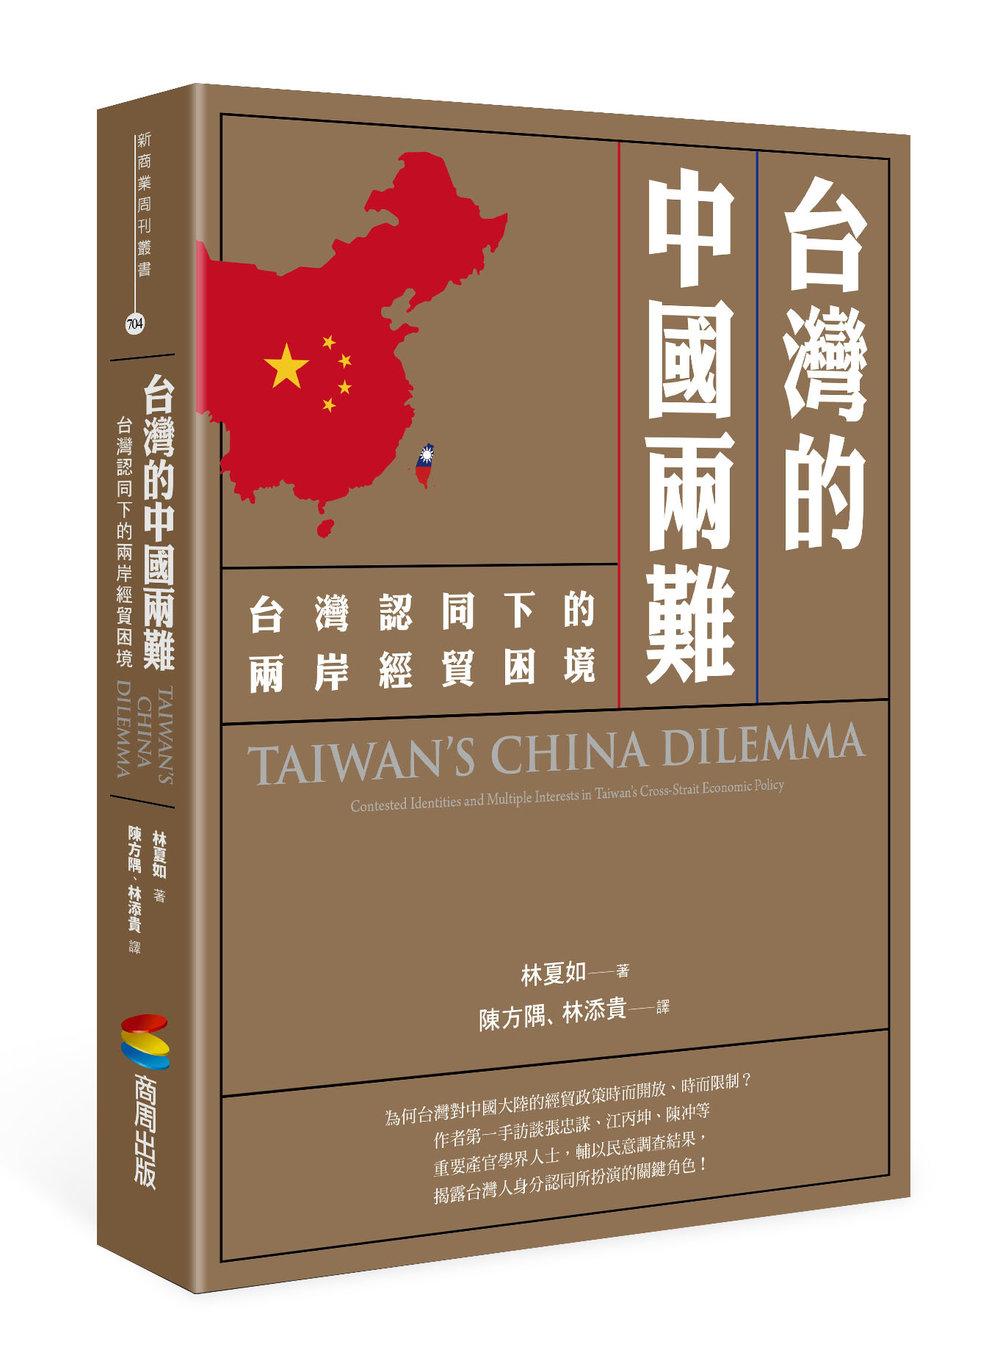 台灣的中國兩難.jpg